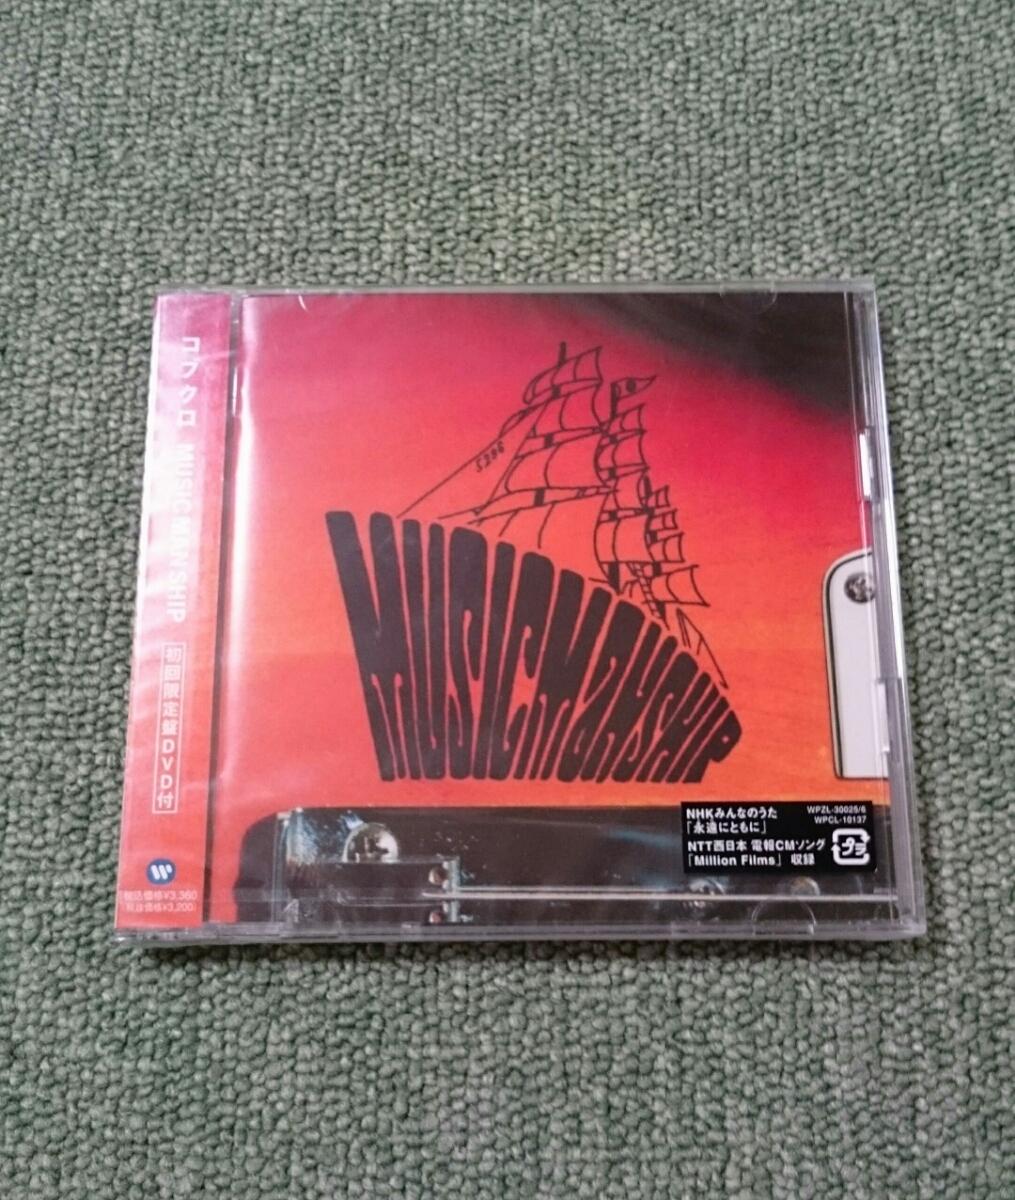 新品未開封★コブクロ★MUSIC MAN SHIP★初回限定盤 DVD付